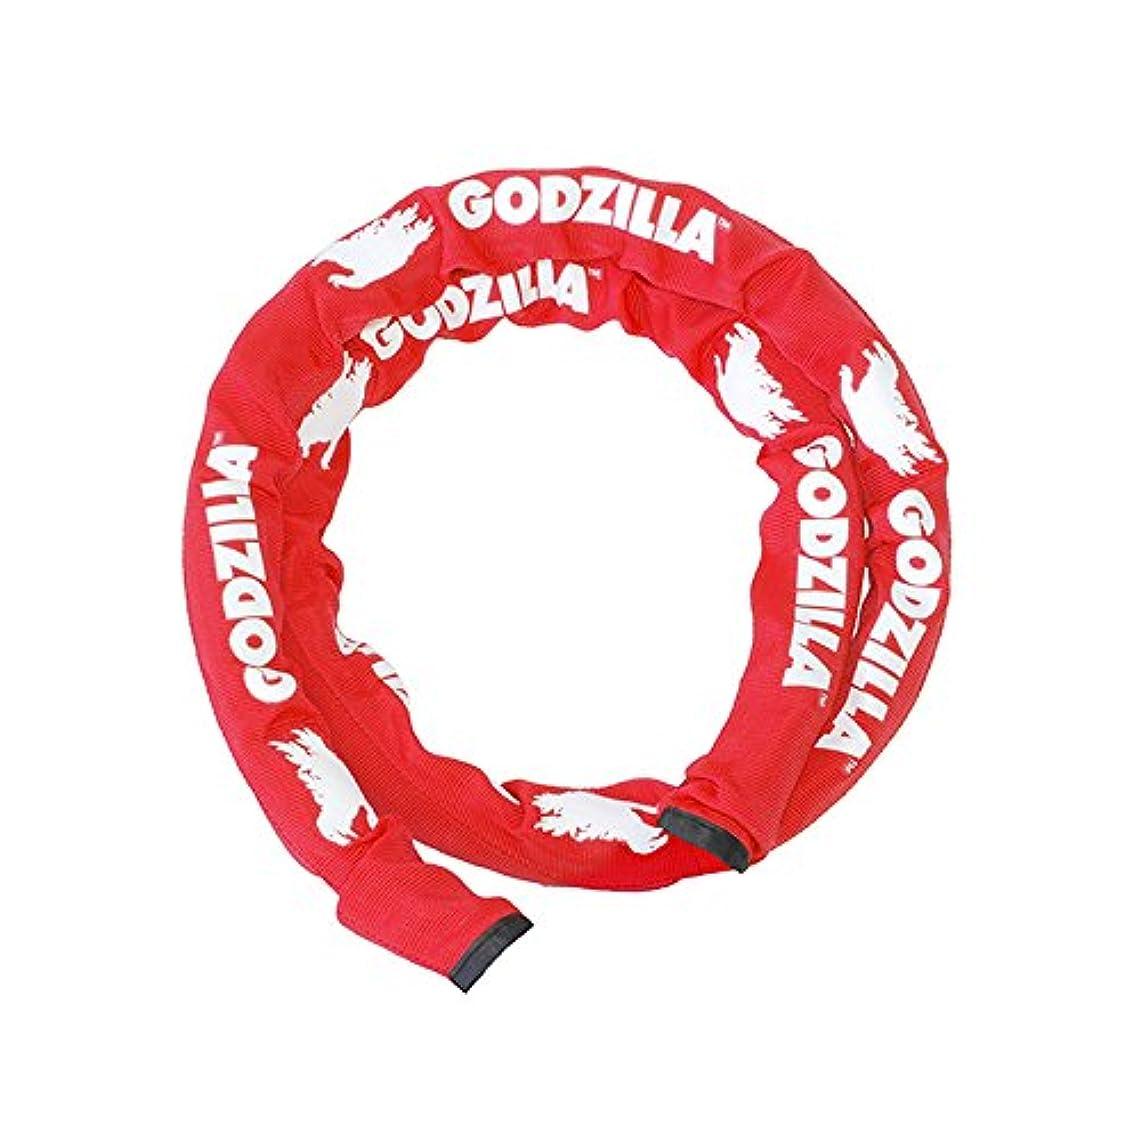 ためらうポルトガル語マーティンルーサーキングジュニアゴジラ SL-2515-R ロゴ入り繊維カバー(253L)レッド 165-01021